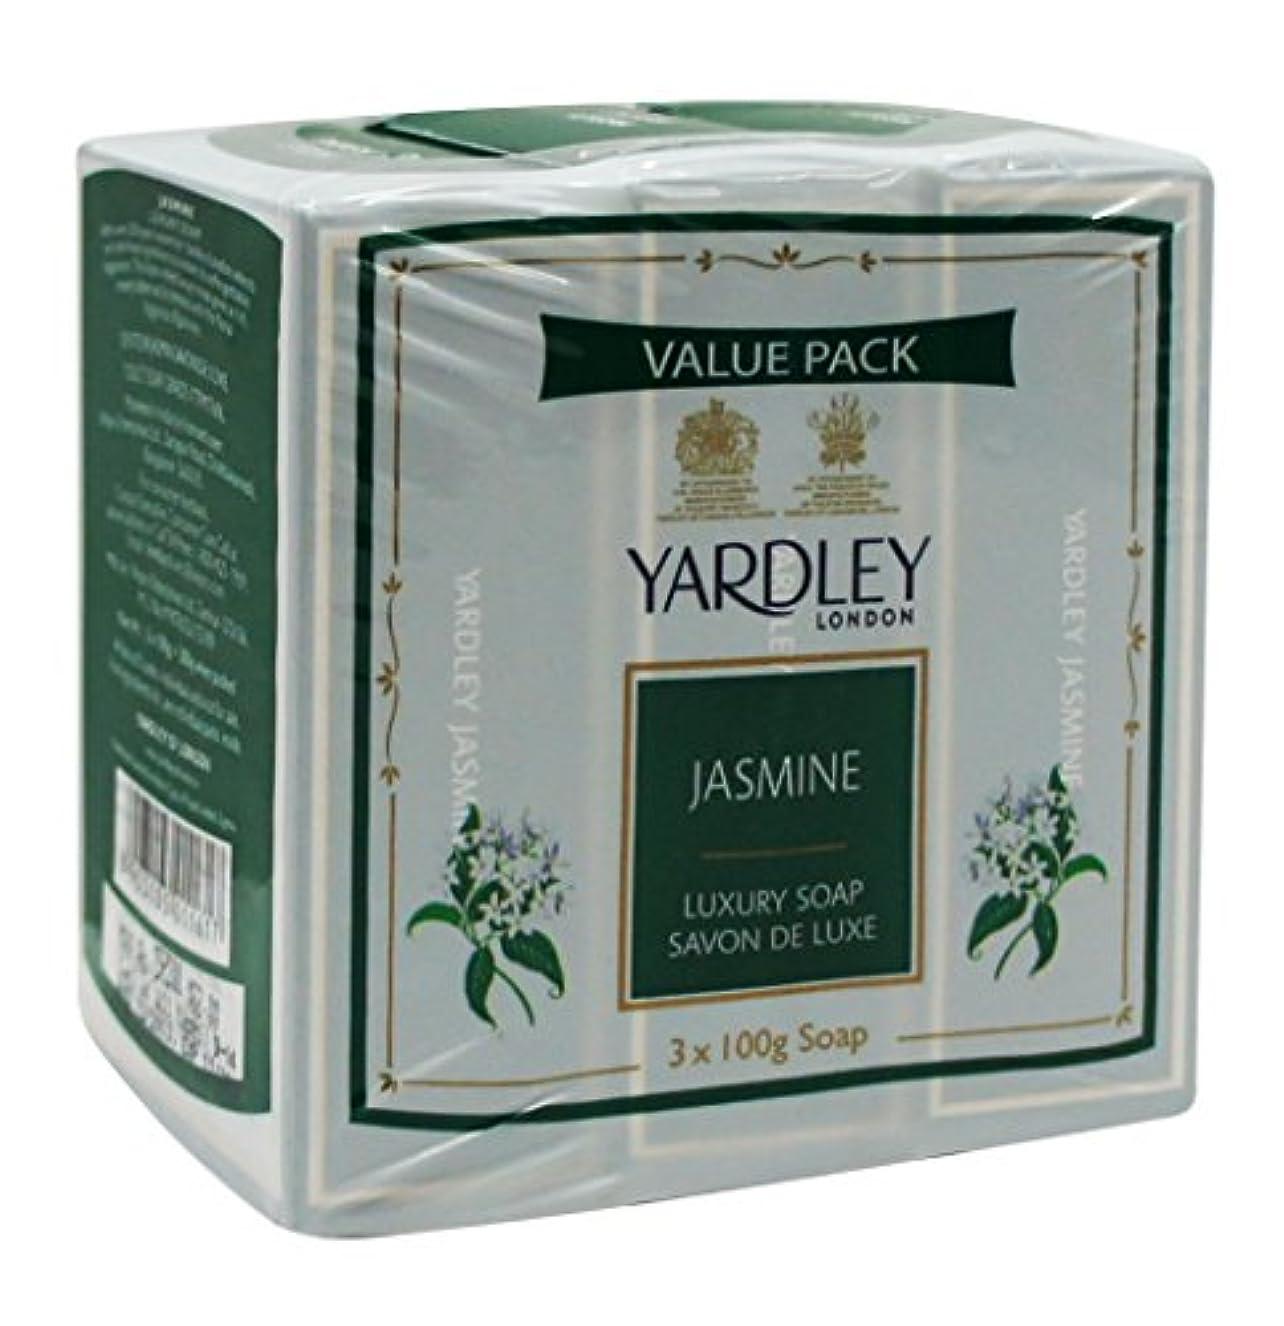 乞食ゆでる寄付するYardley London Value Pack Luxury Soap 3x100g Jasmine by Yardley